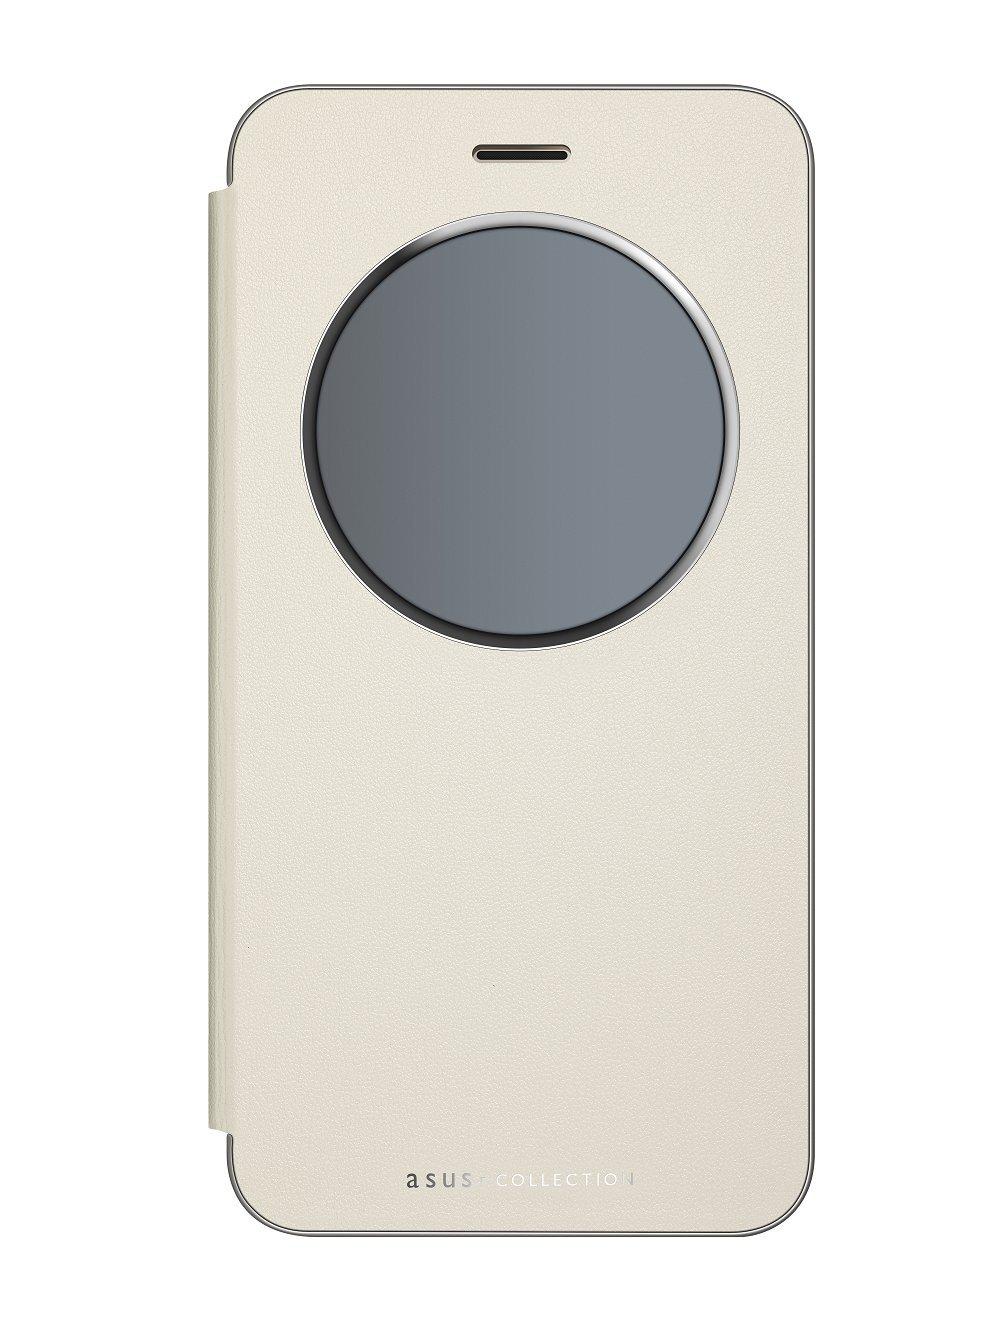 Zenfone3用ケースカバーの人気ランキング10選【純正品やおしゃれな手帳型も】のアイキャッチ画像1枚目